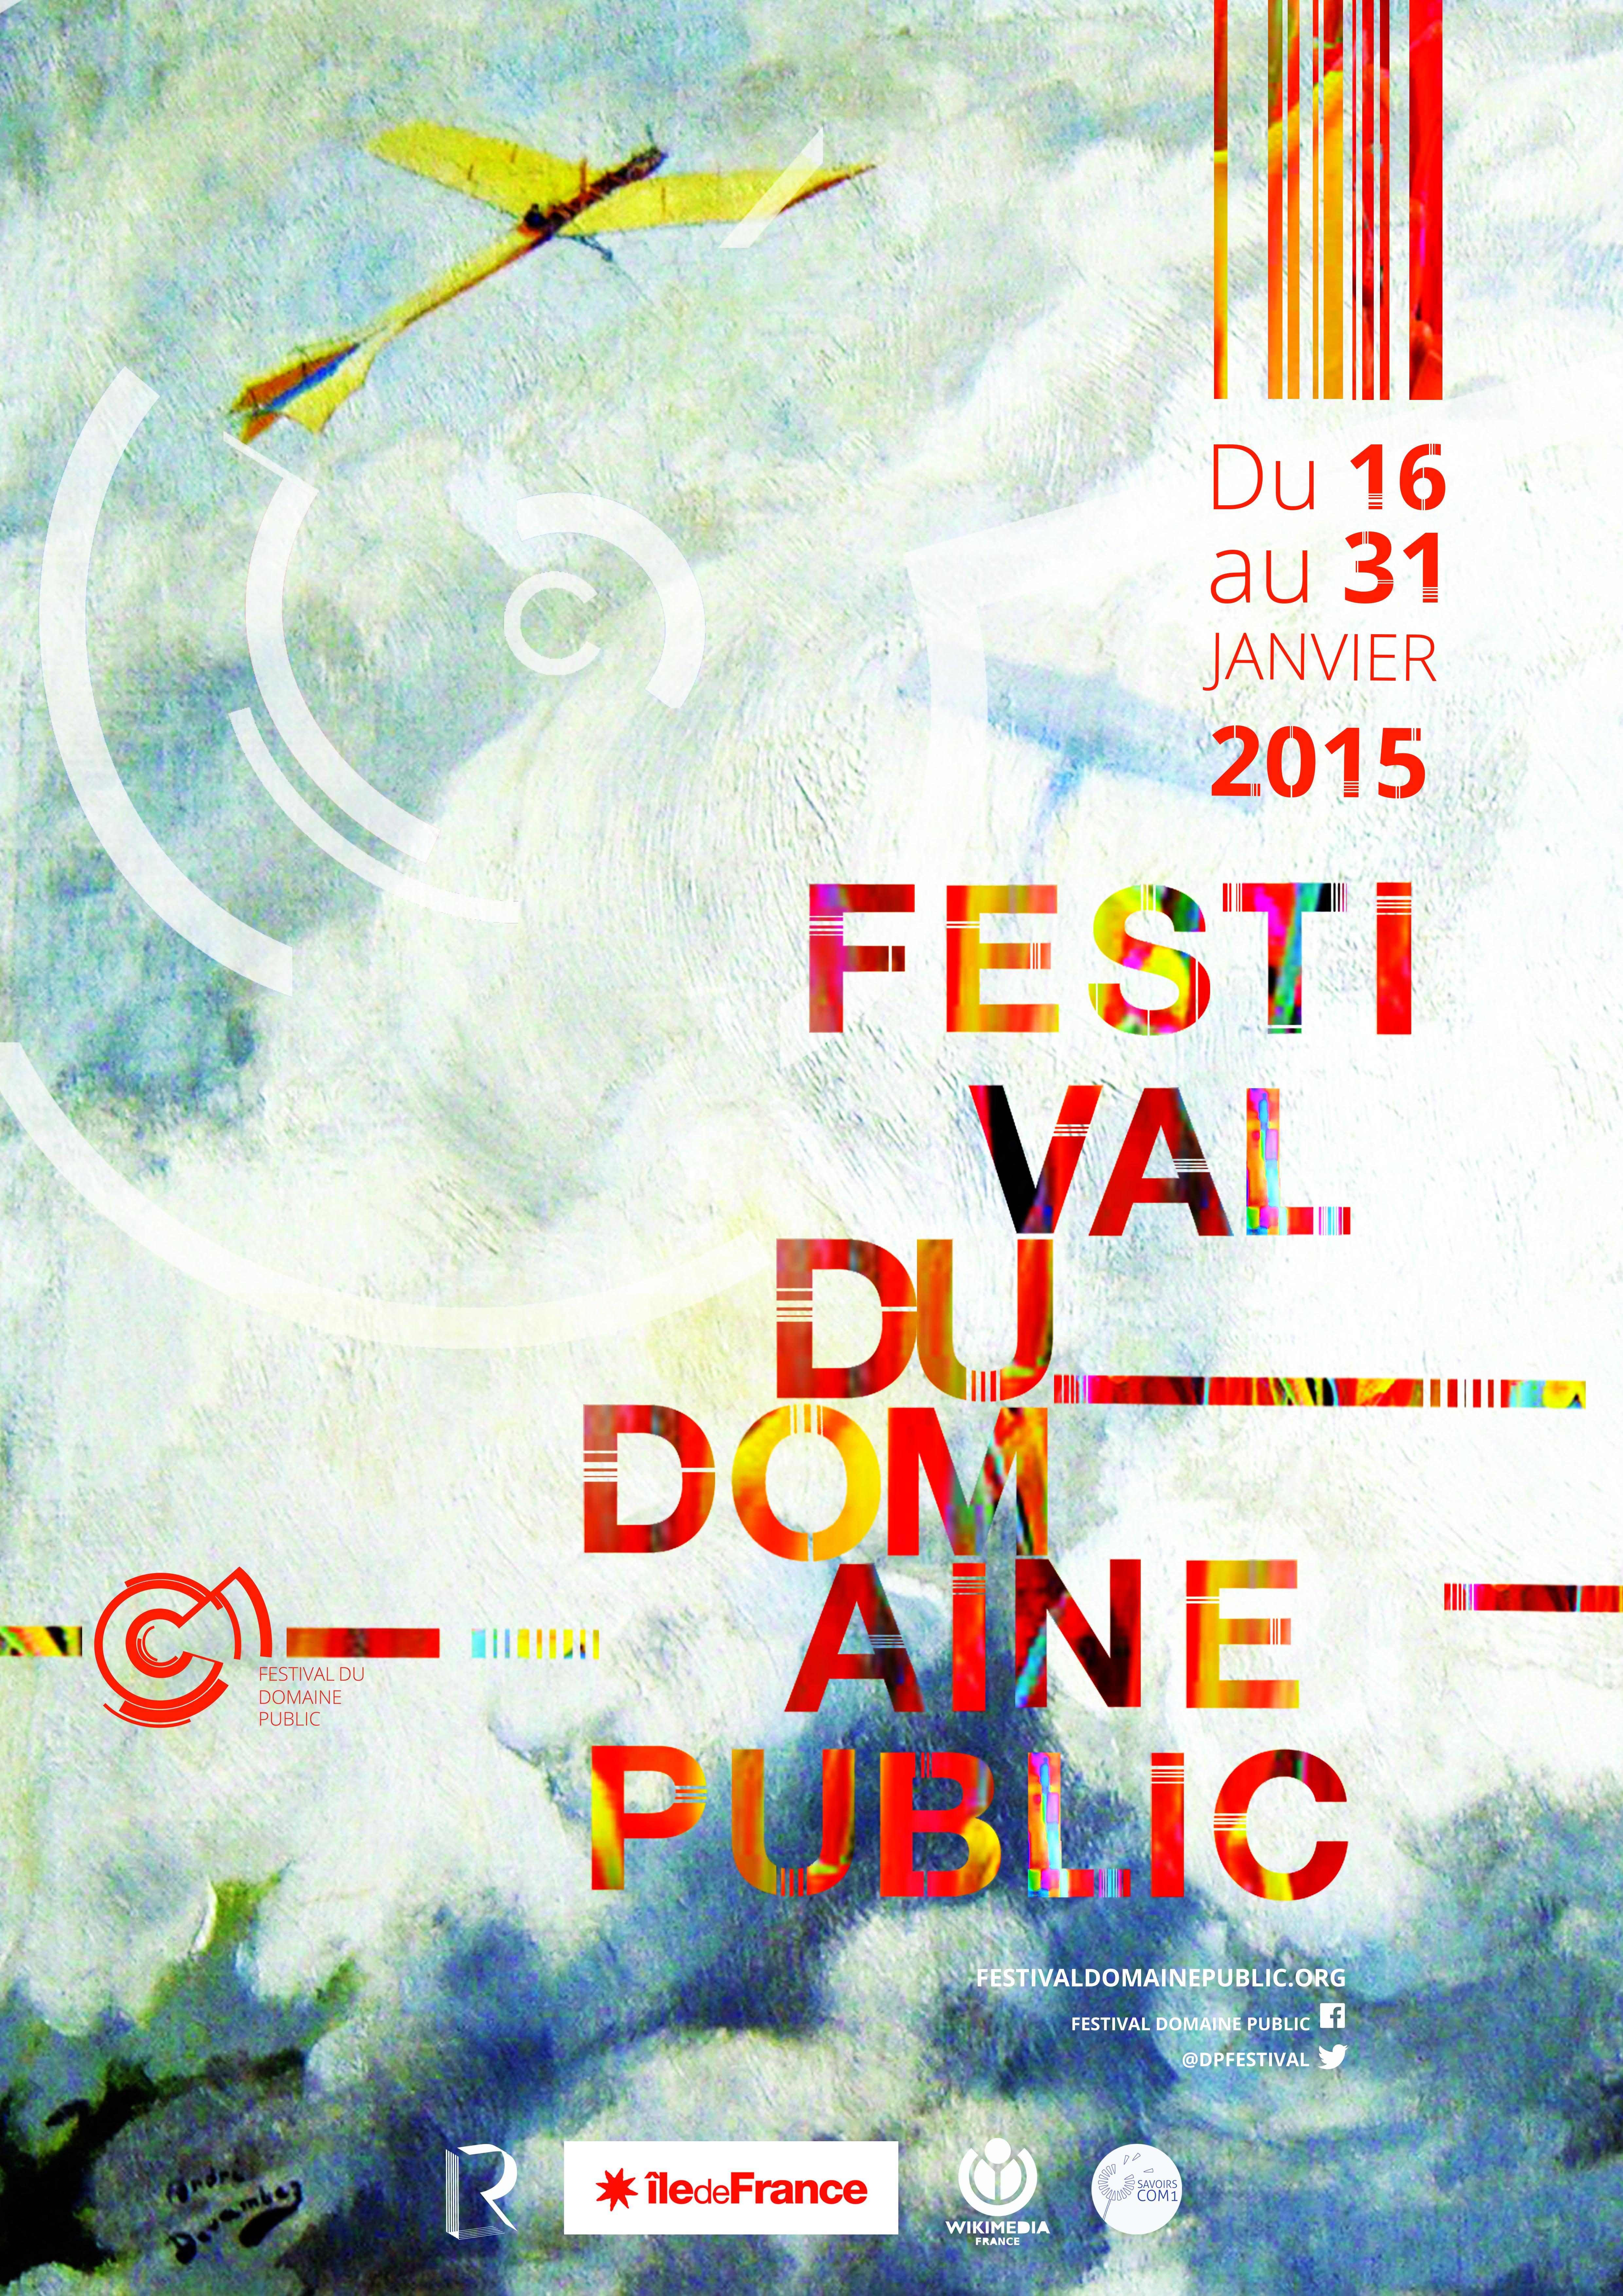 Affiche officielle du Festival Du Domaine Public